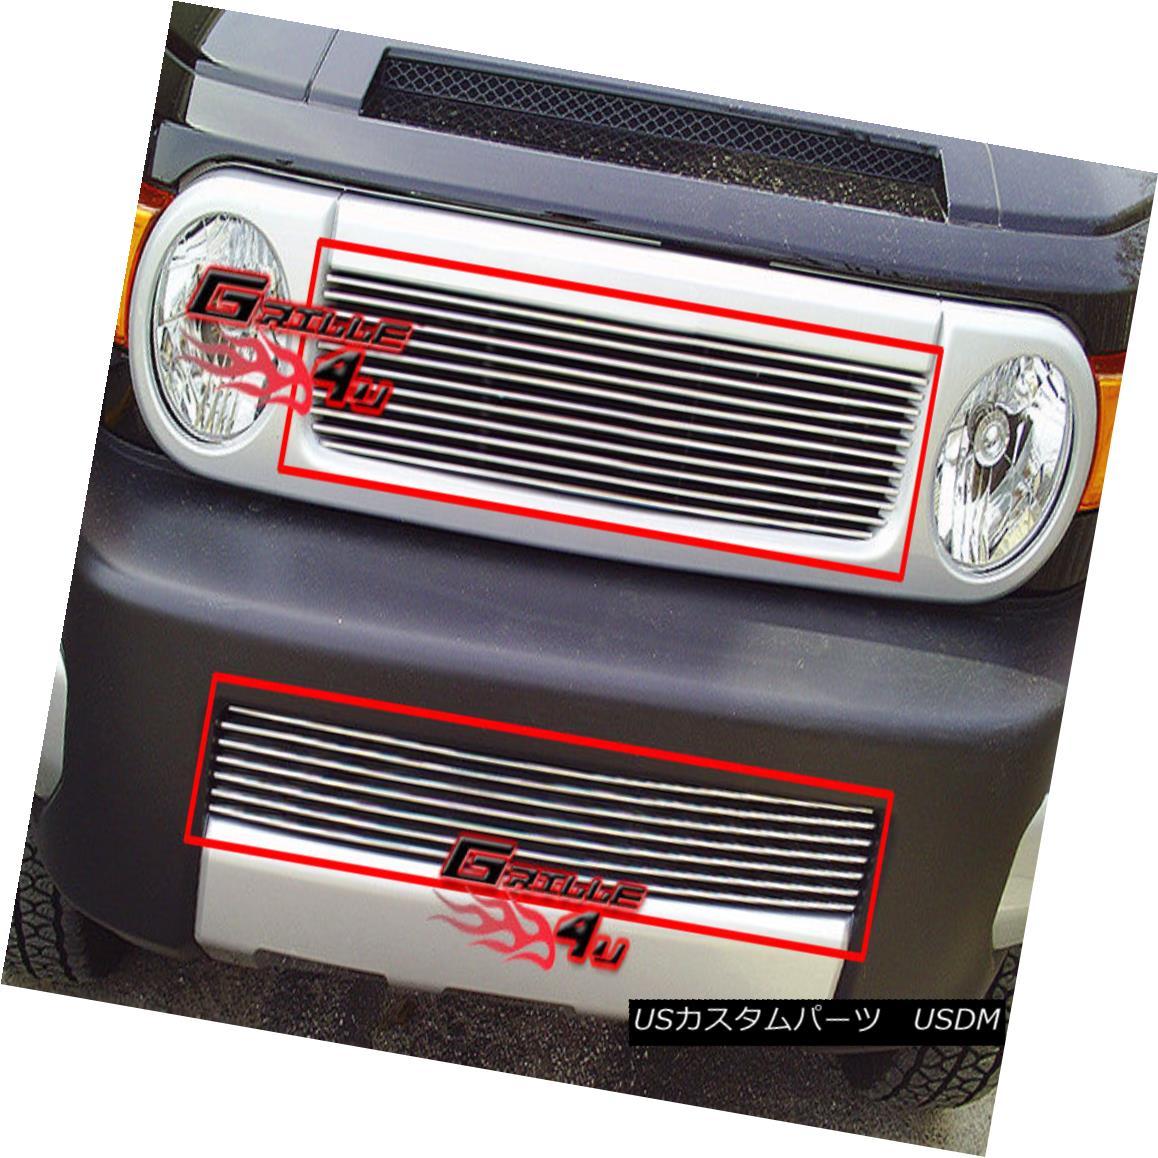 グリル Fits 2007-2014 Toyota FJ Cruiser Billet Grille Grill Insert Combo フィット2007年?2014年トヨタFJクルーザービレットグリルグリルインサートコンボ